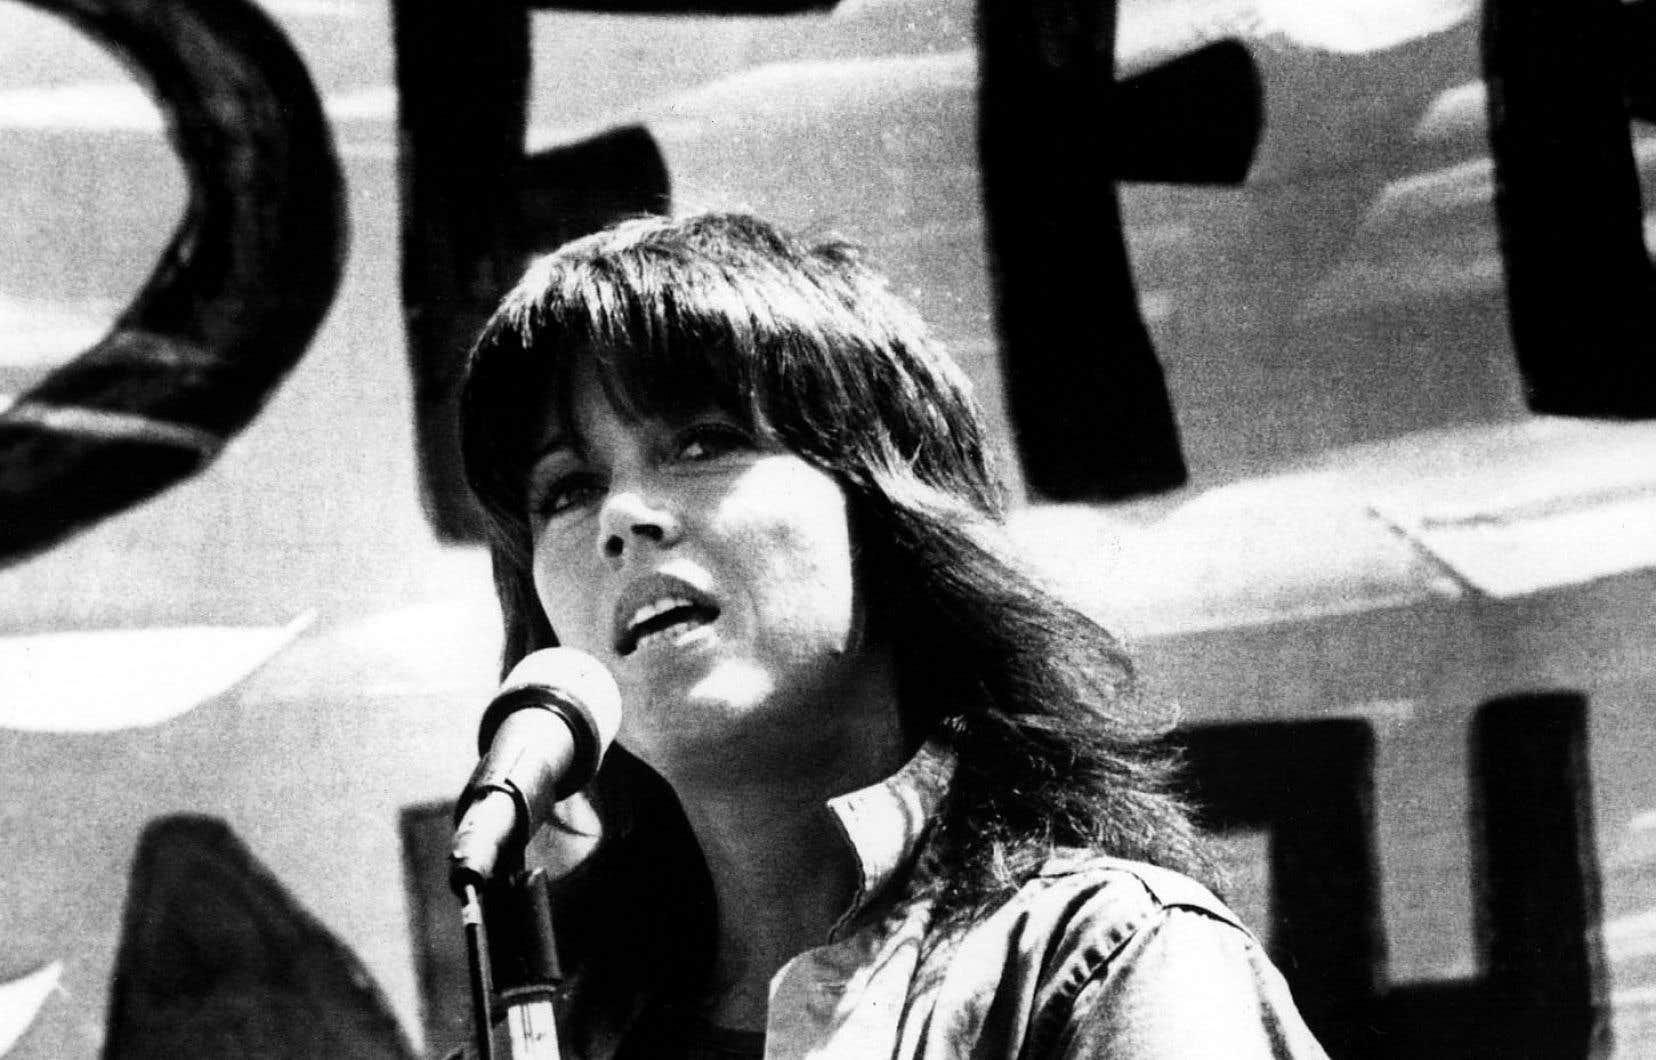 Durant les dix années qu'elle a partagées avec Ted Turner, qu'elle appelle tendrement son ex-mari préféré, Jane Fonda a tourné le dos au cinéma, défendant activement la cause des femmes.